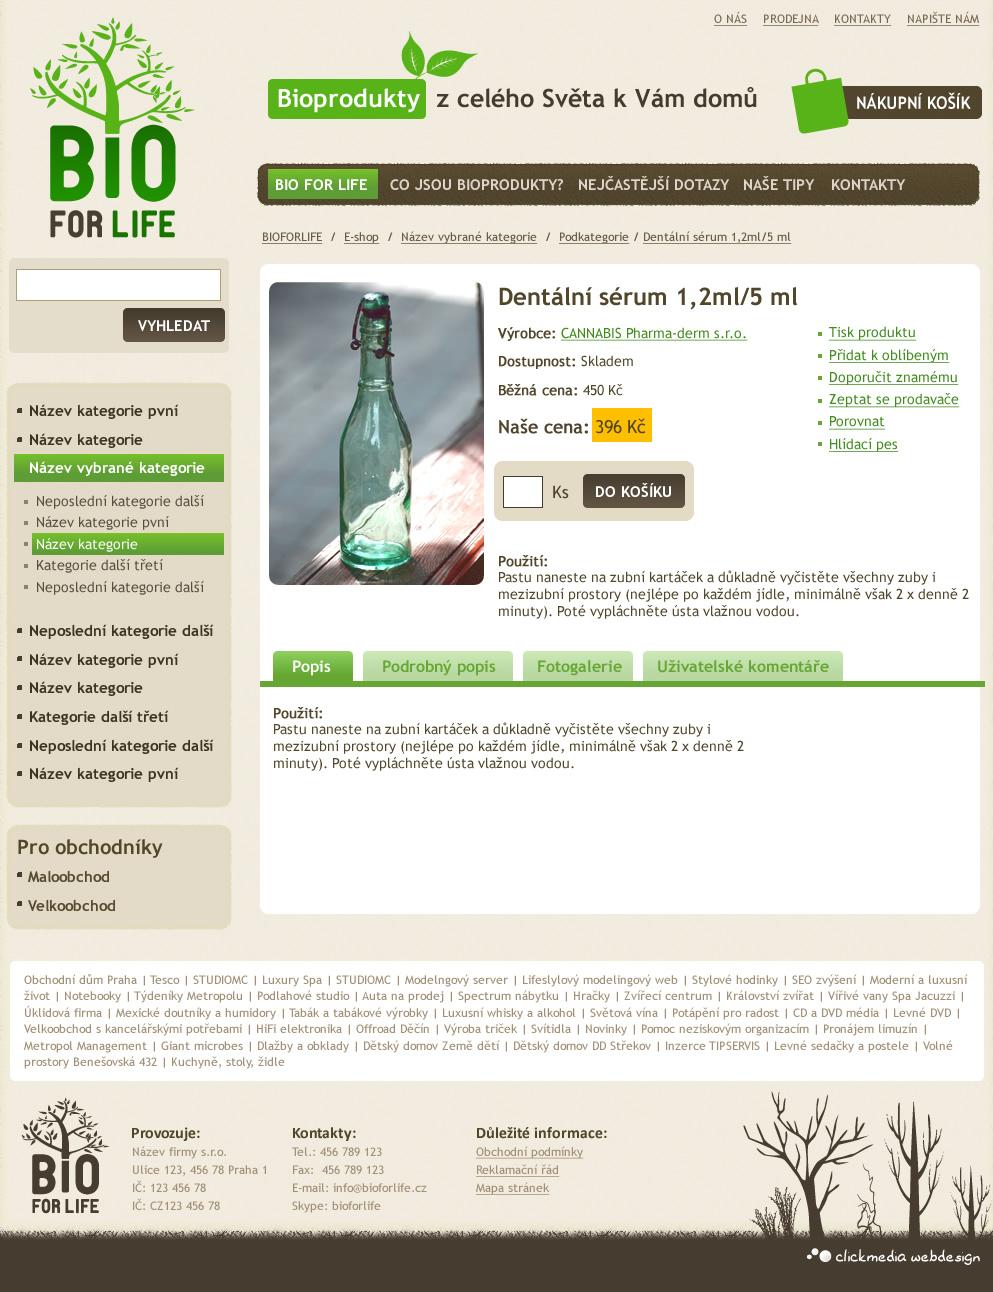 Prodejce bio-potravin a ekologických produktů